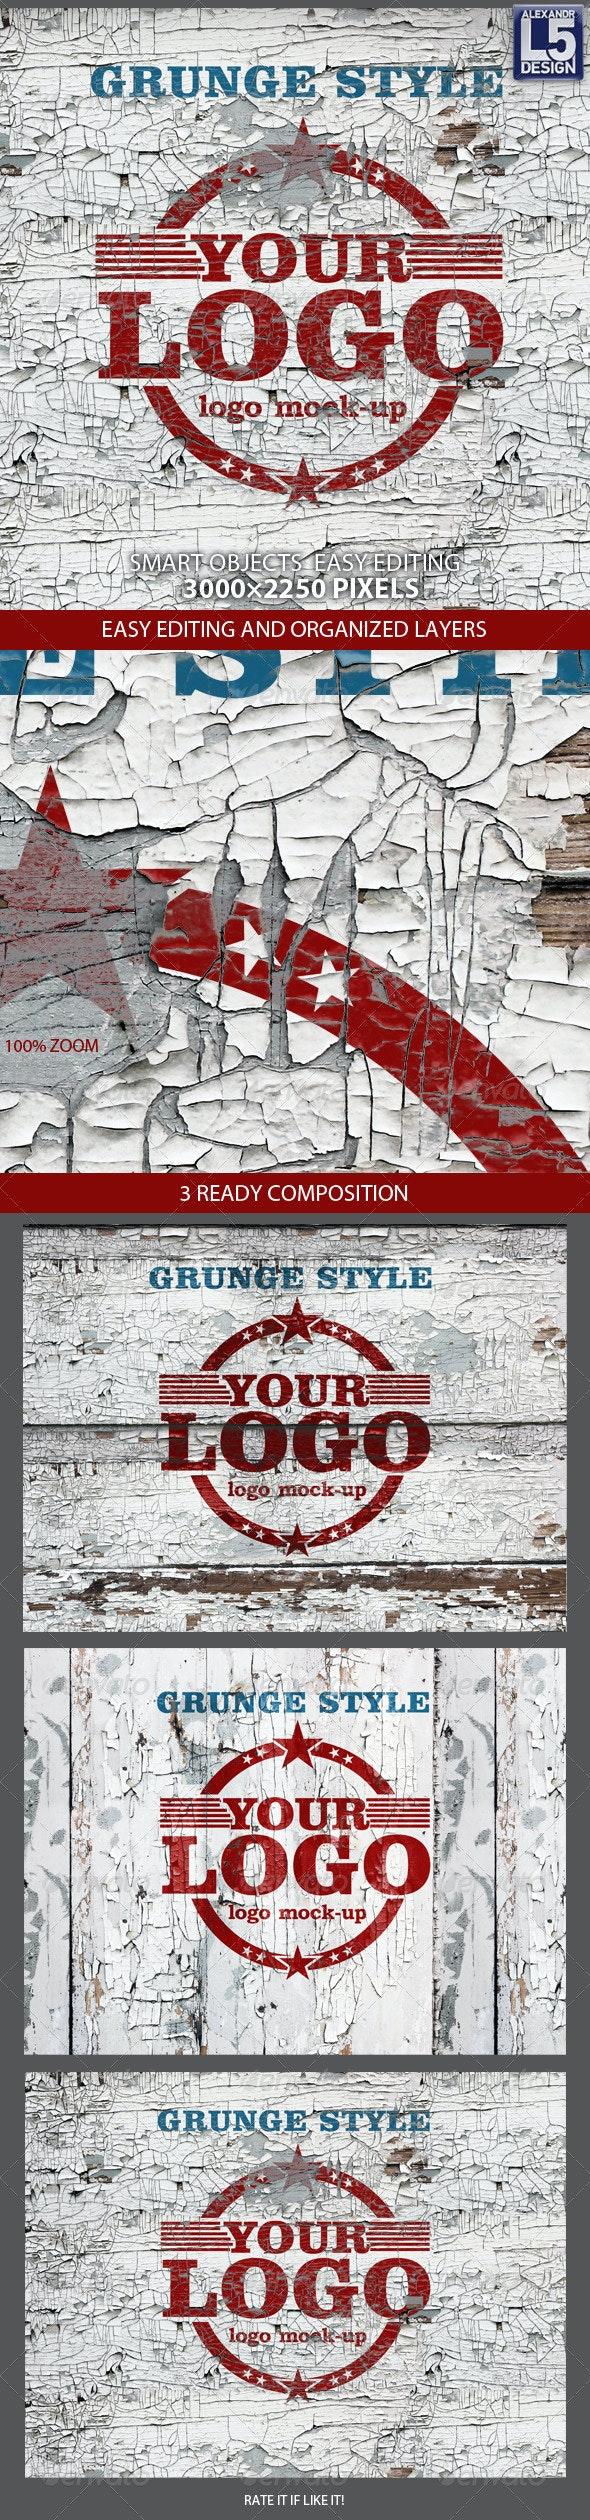 Grunge Wall Logo Mock-up - Logo Product Mock-Ups